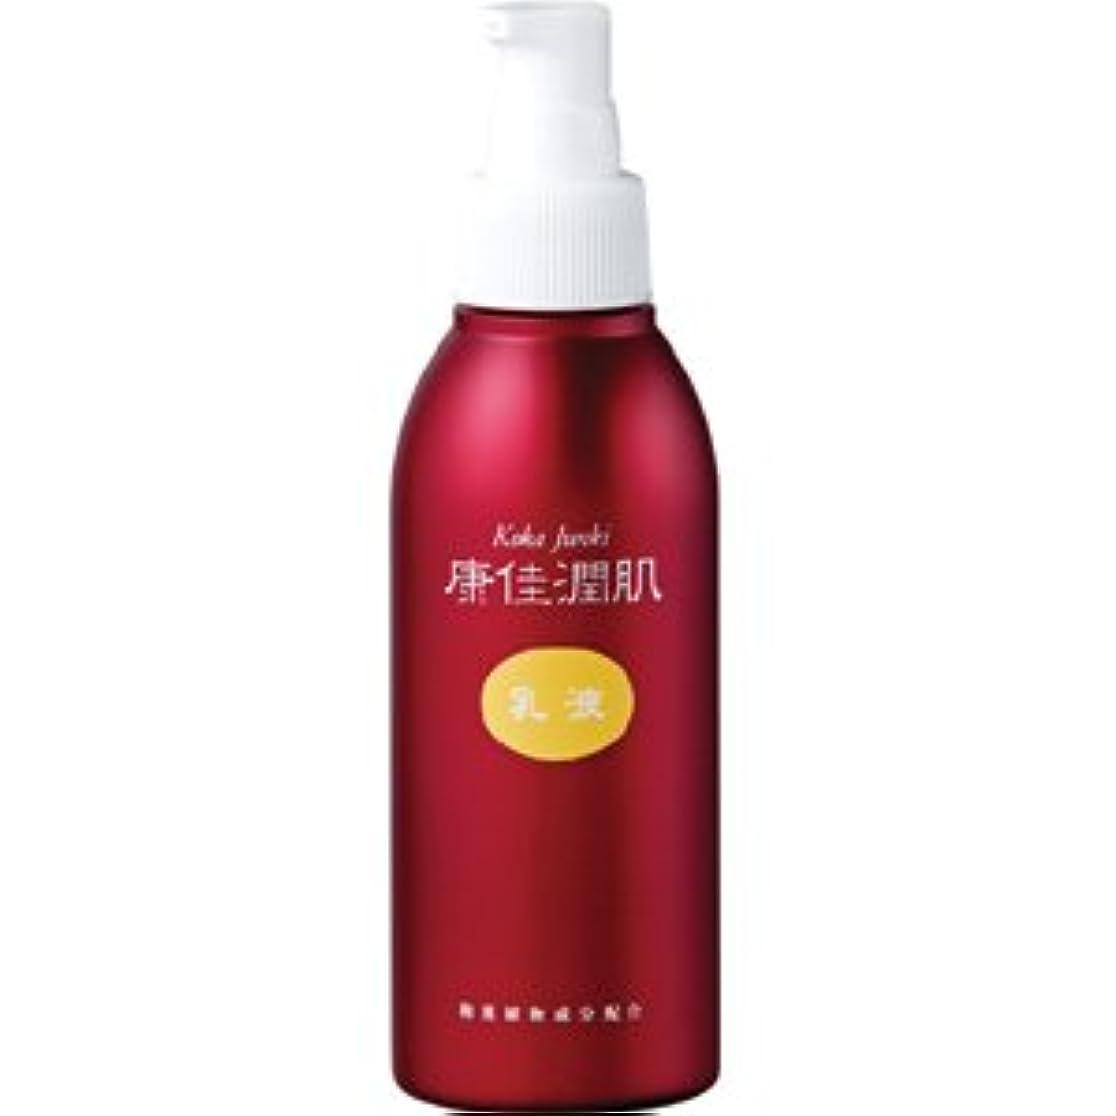 ポジティブプラス空の『康佳潤肌(こうかじゅんき)乳液150ml』敏感肌の方のために!医師が開発した保湿と清浄に優れた乳液。